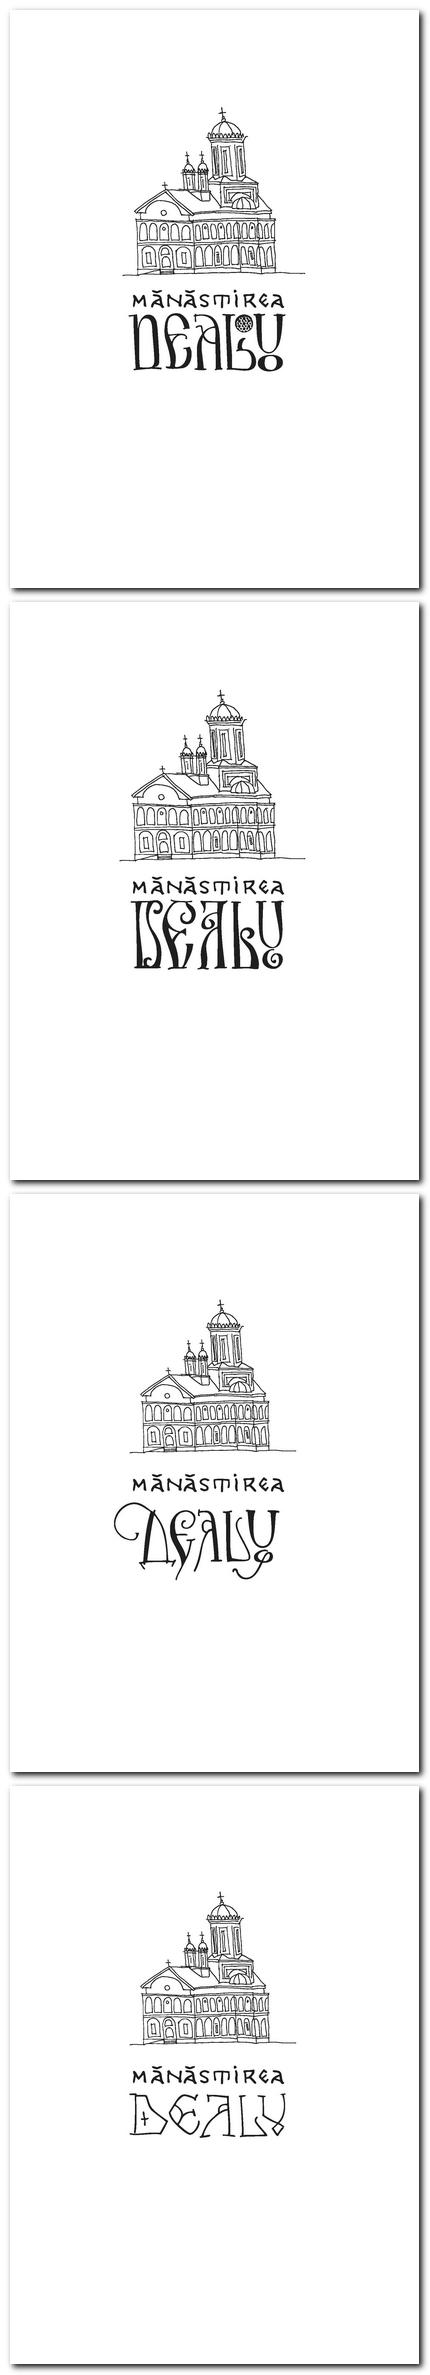 manastirea dealu titluri